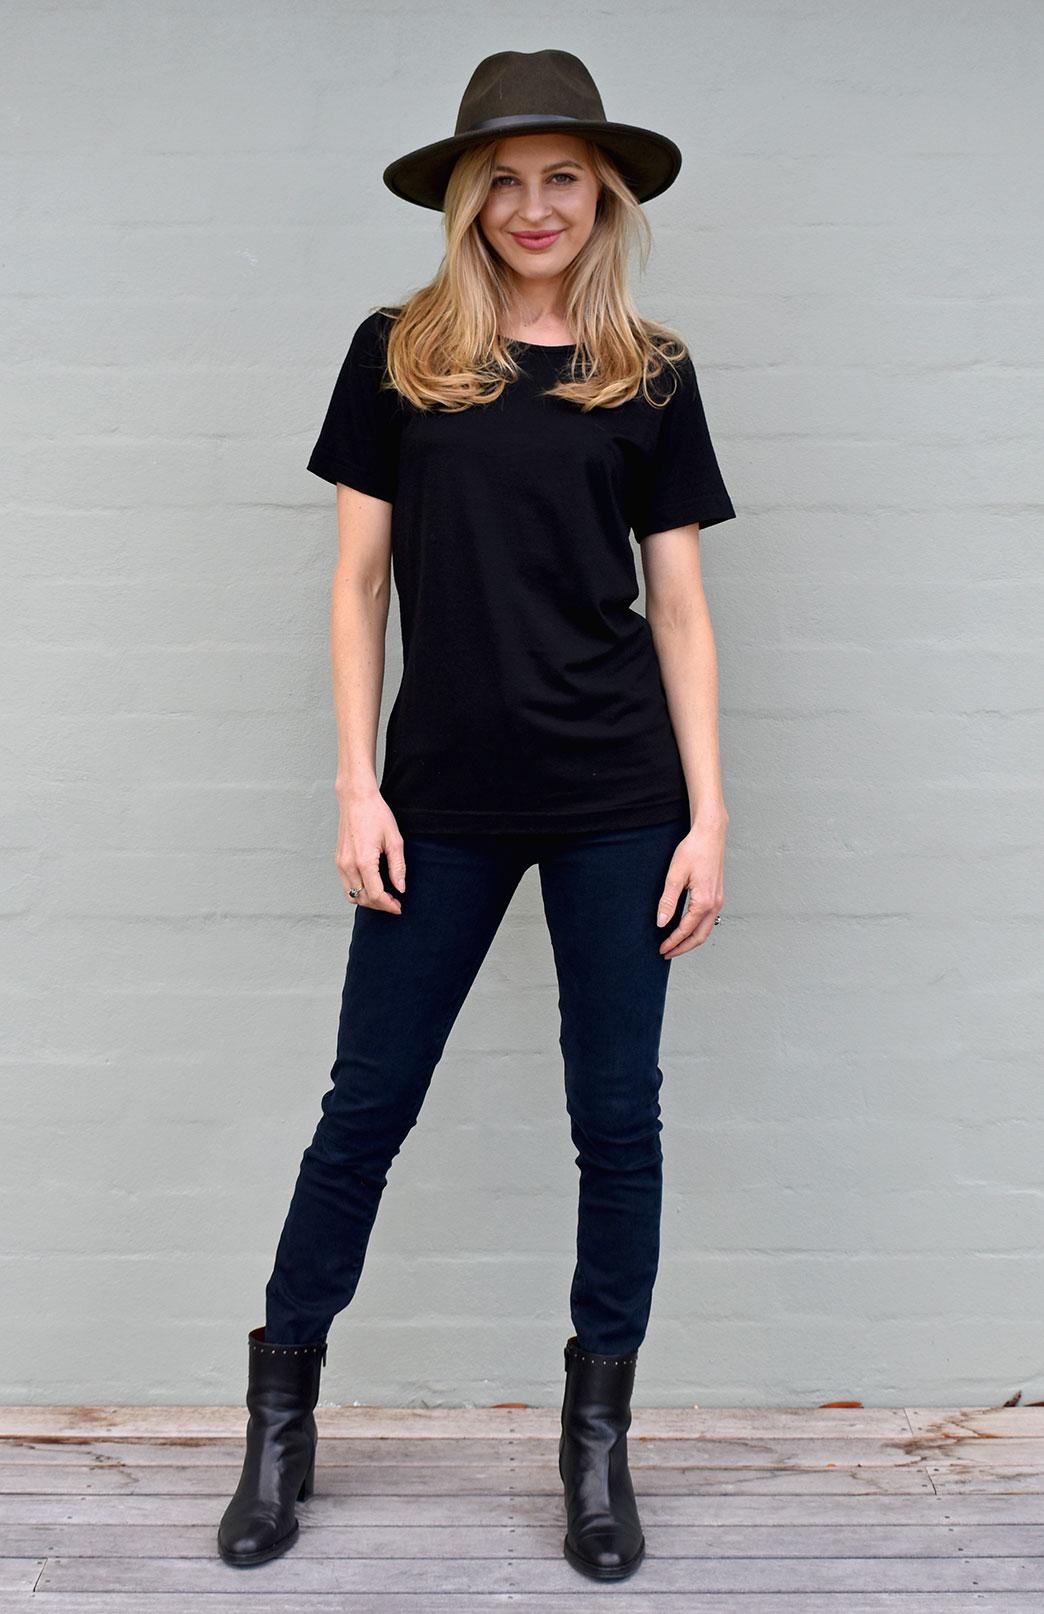 Rubie Top - Women's Pure Merino Wool Black Short Sleeved Round Neck Top - Smitten Merino Tasmania Australia